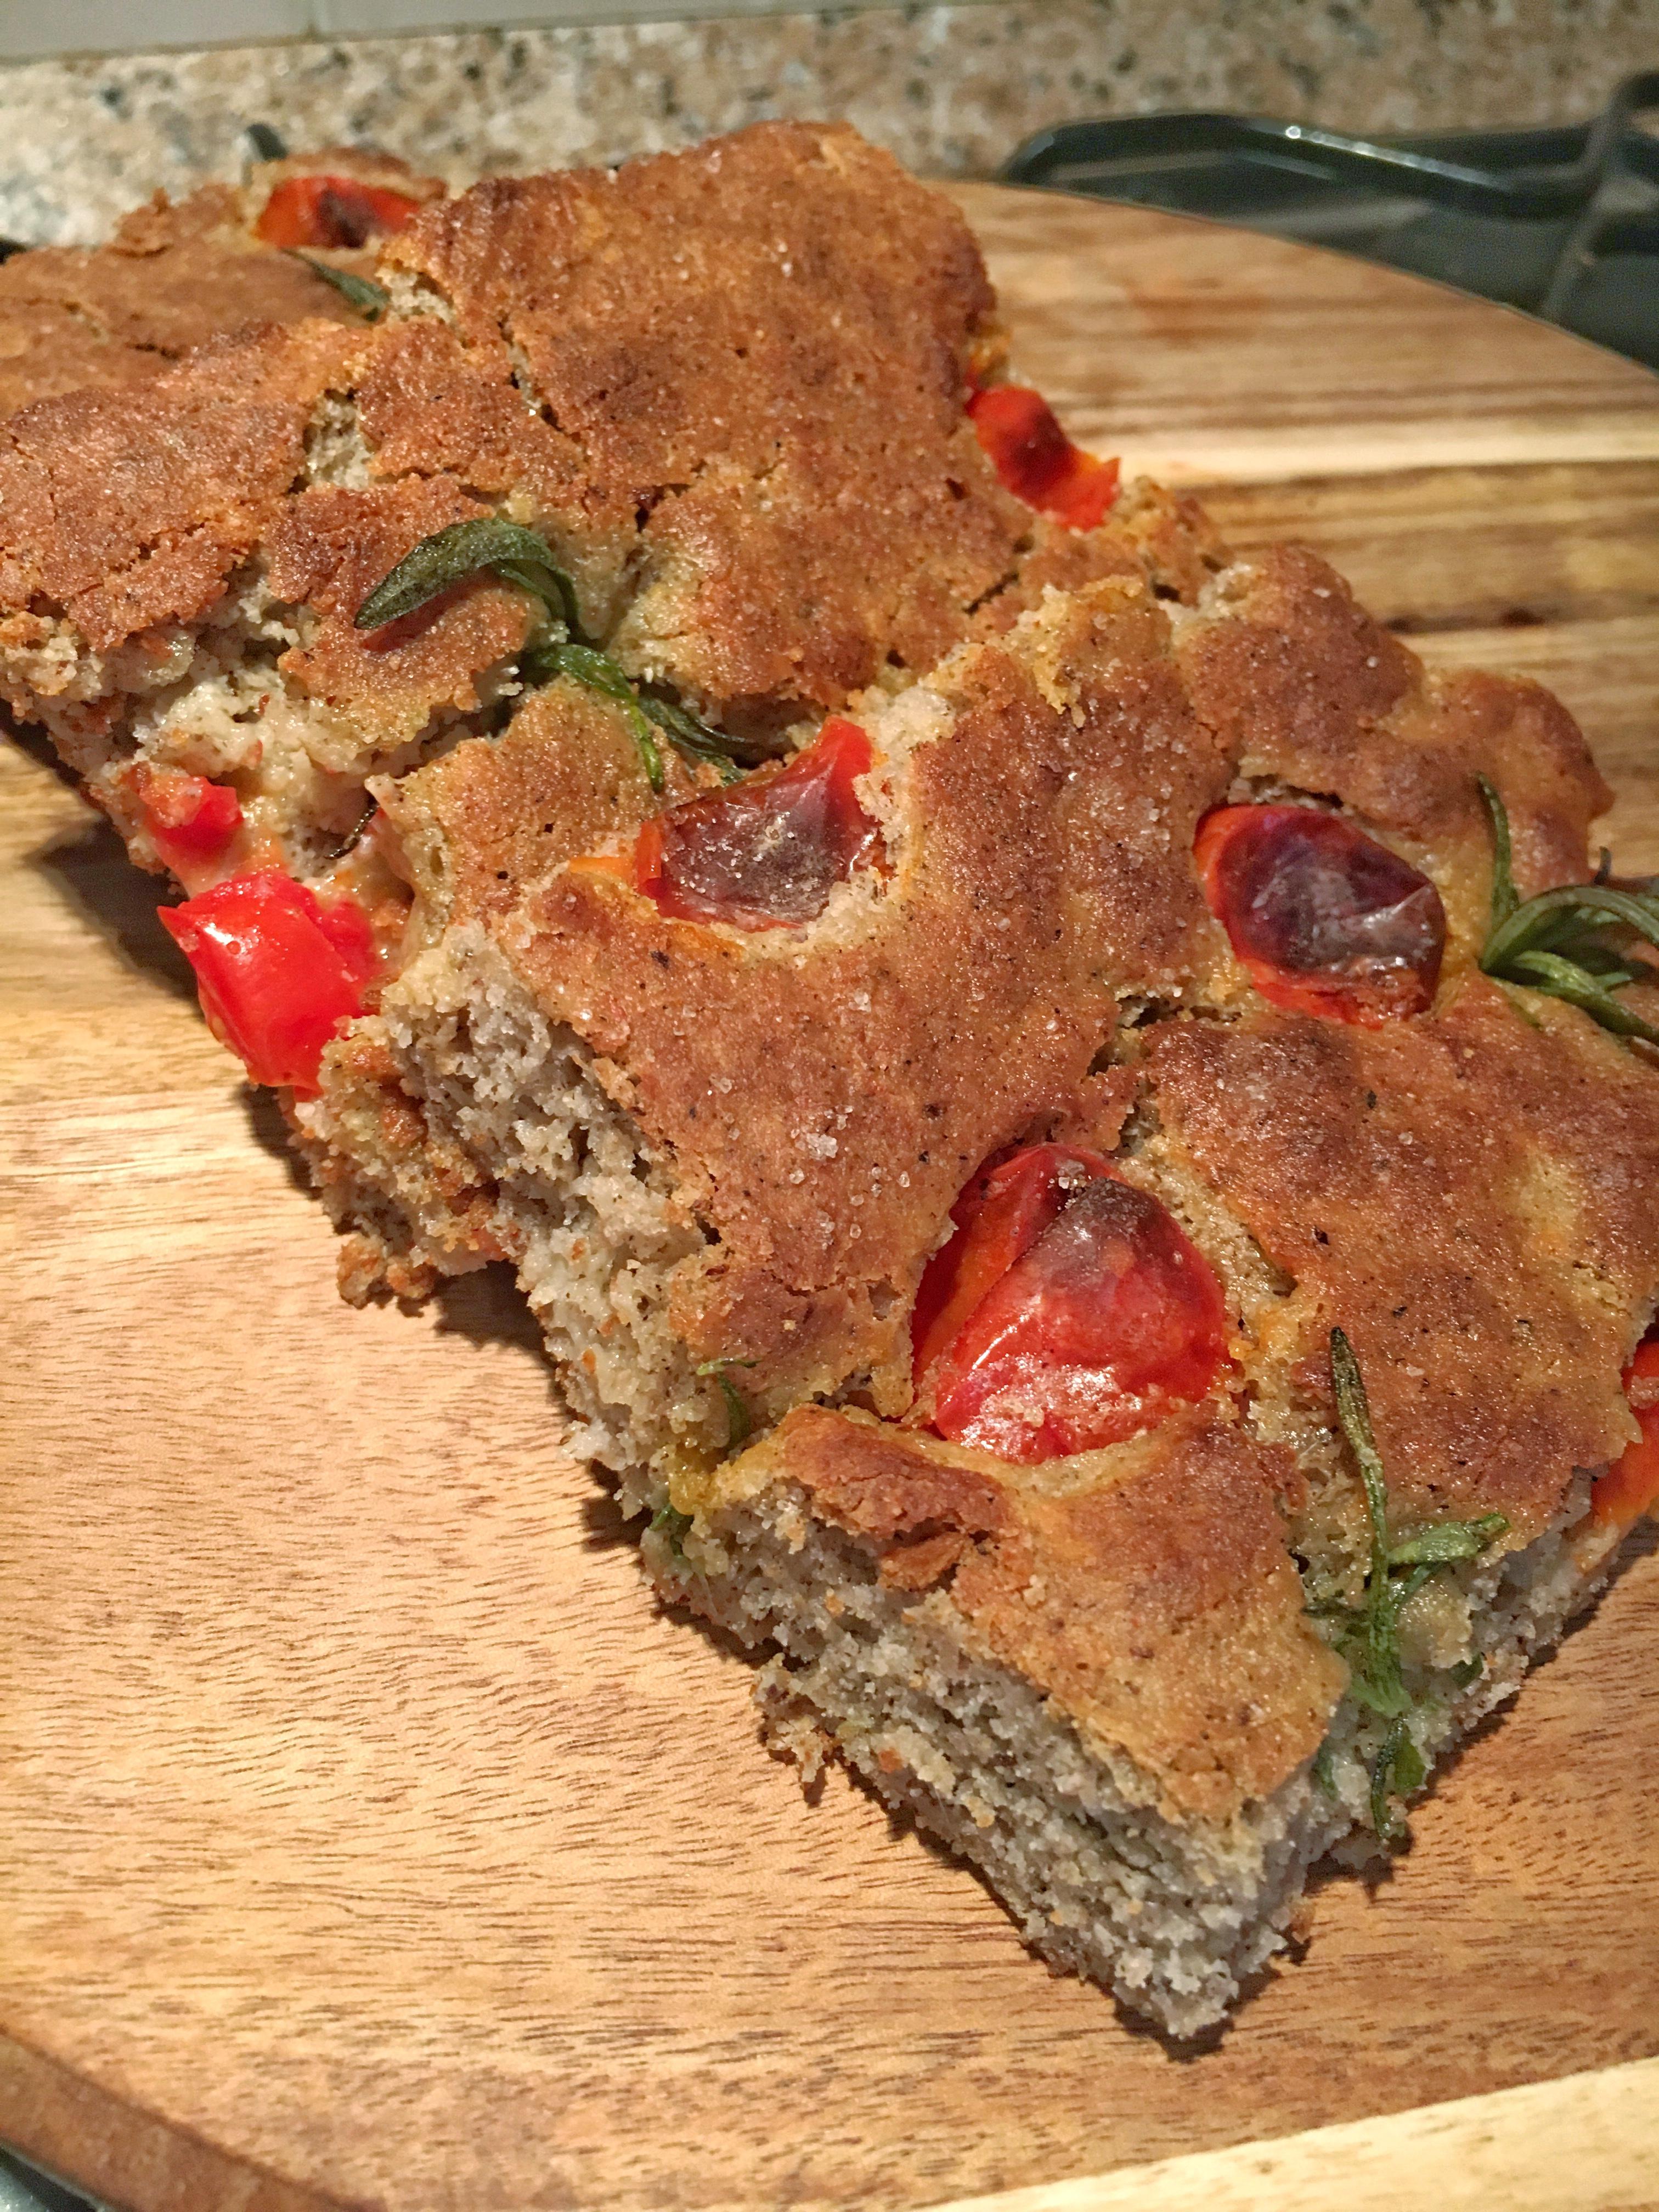 Focacciaintegralesenzaglutineconpomodorini monikacleanfood - Apericena cosa cucinare ...